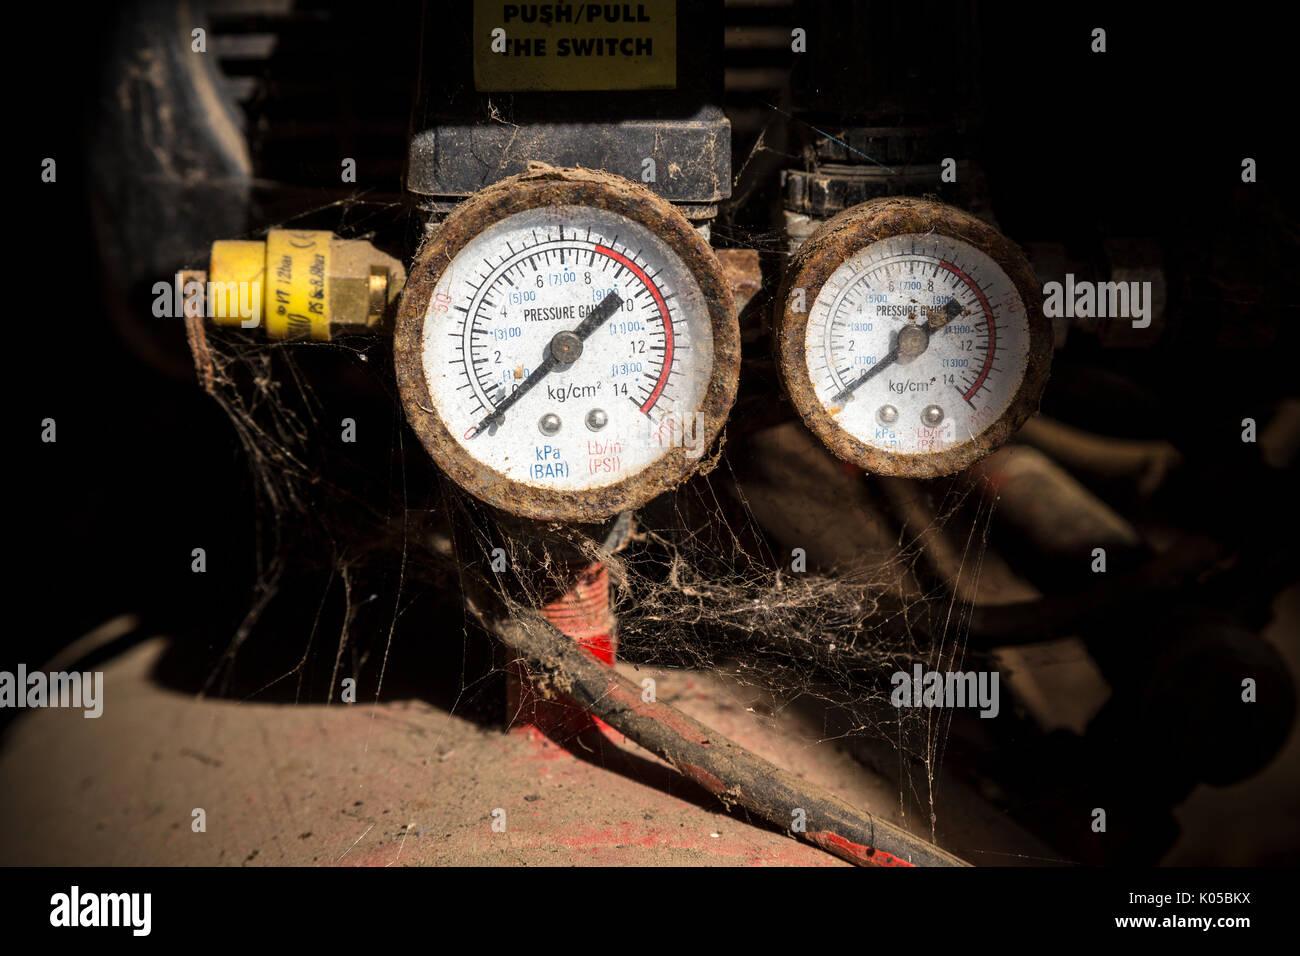 Un compresor de aire tiene una gran variedad de aplicaciones: como la presión de inflado de los neumáticos, pulverización de pintura, grapado y clavar. Máquina Mart en stock una amplia gama de aire Imagen De Stock